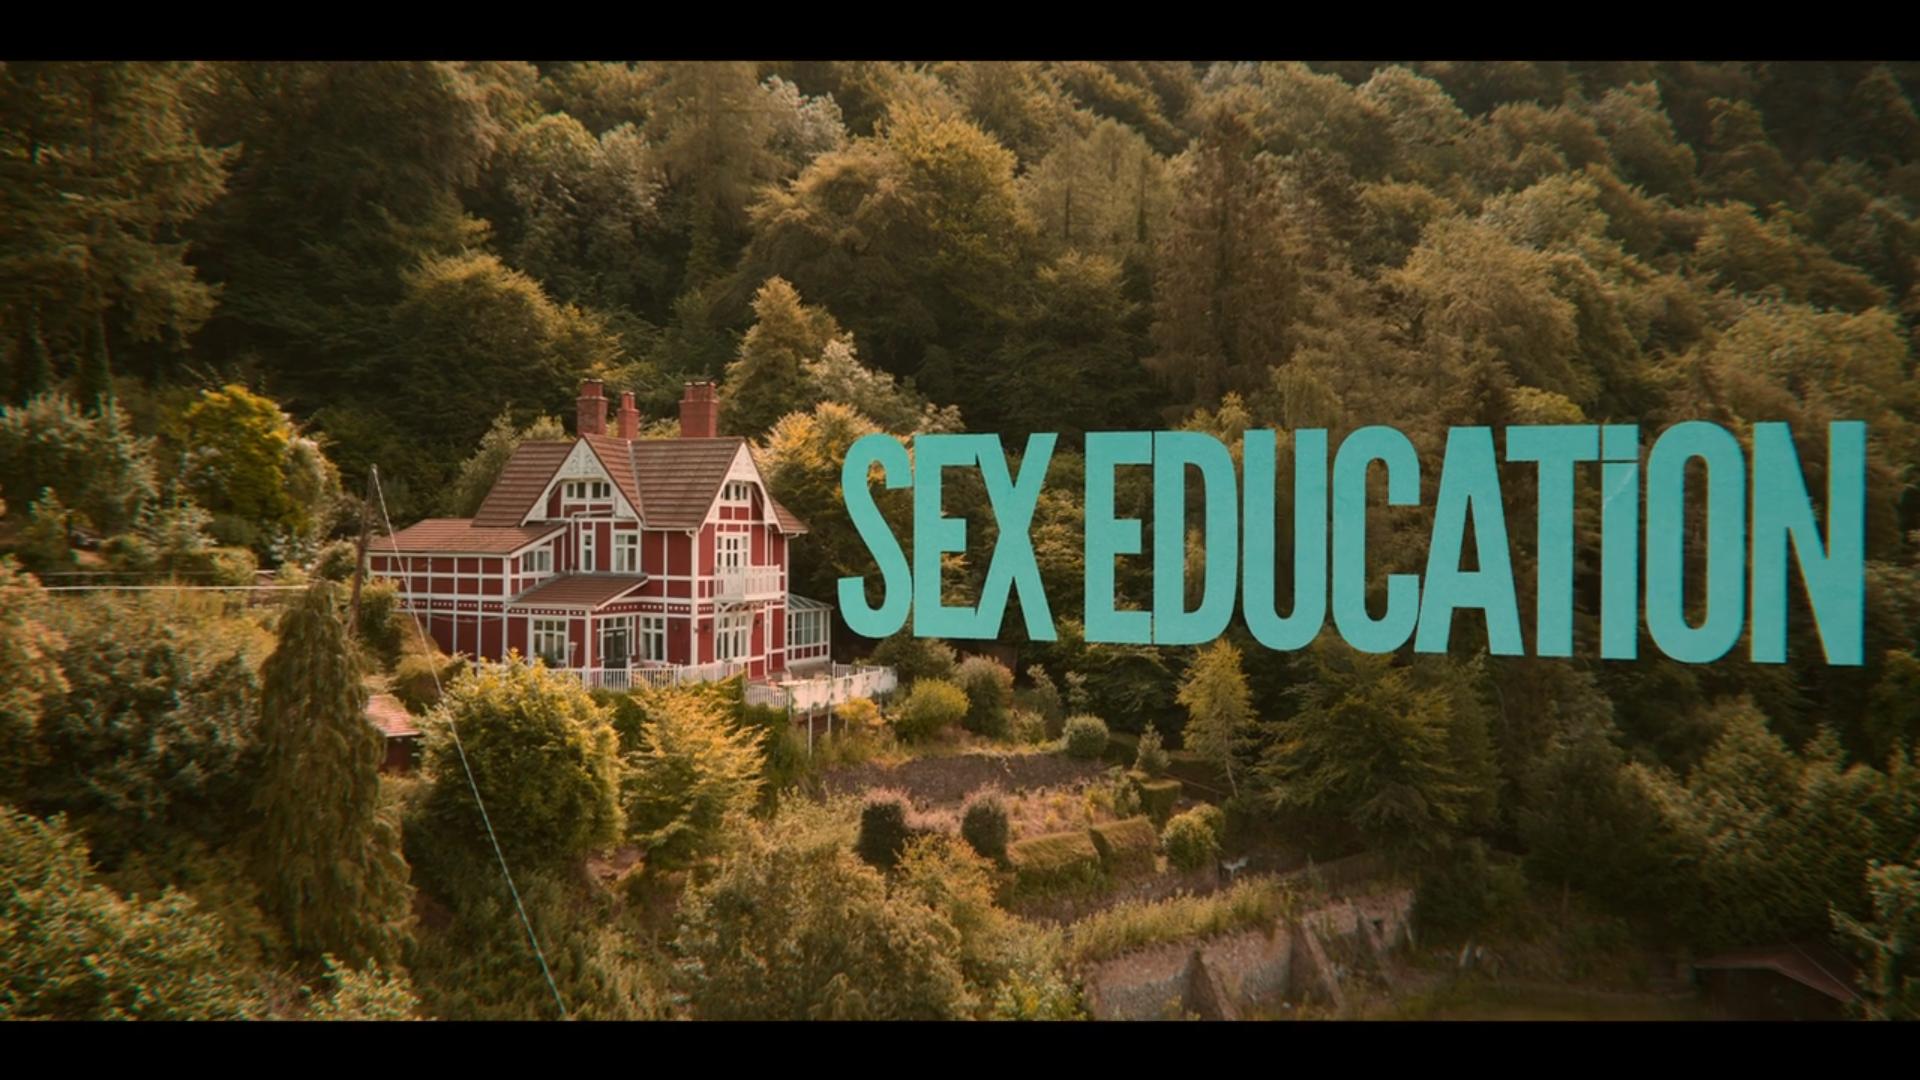 セックスエデュケーション タイトル